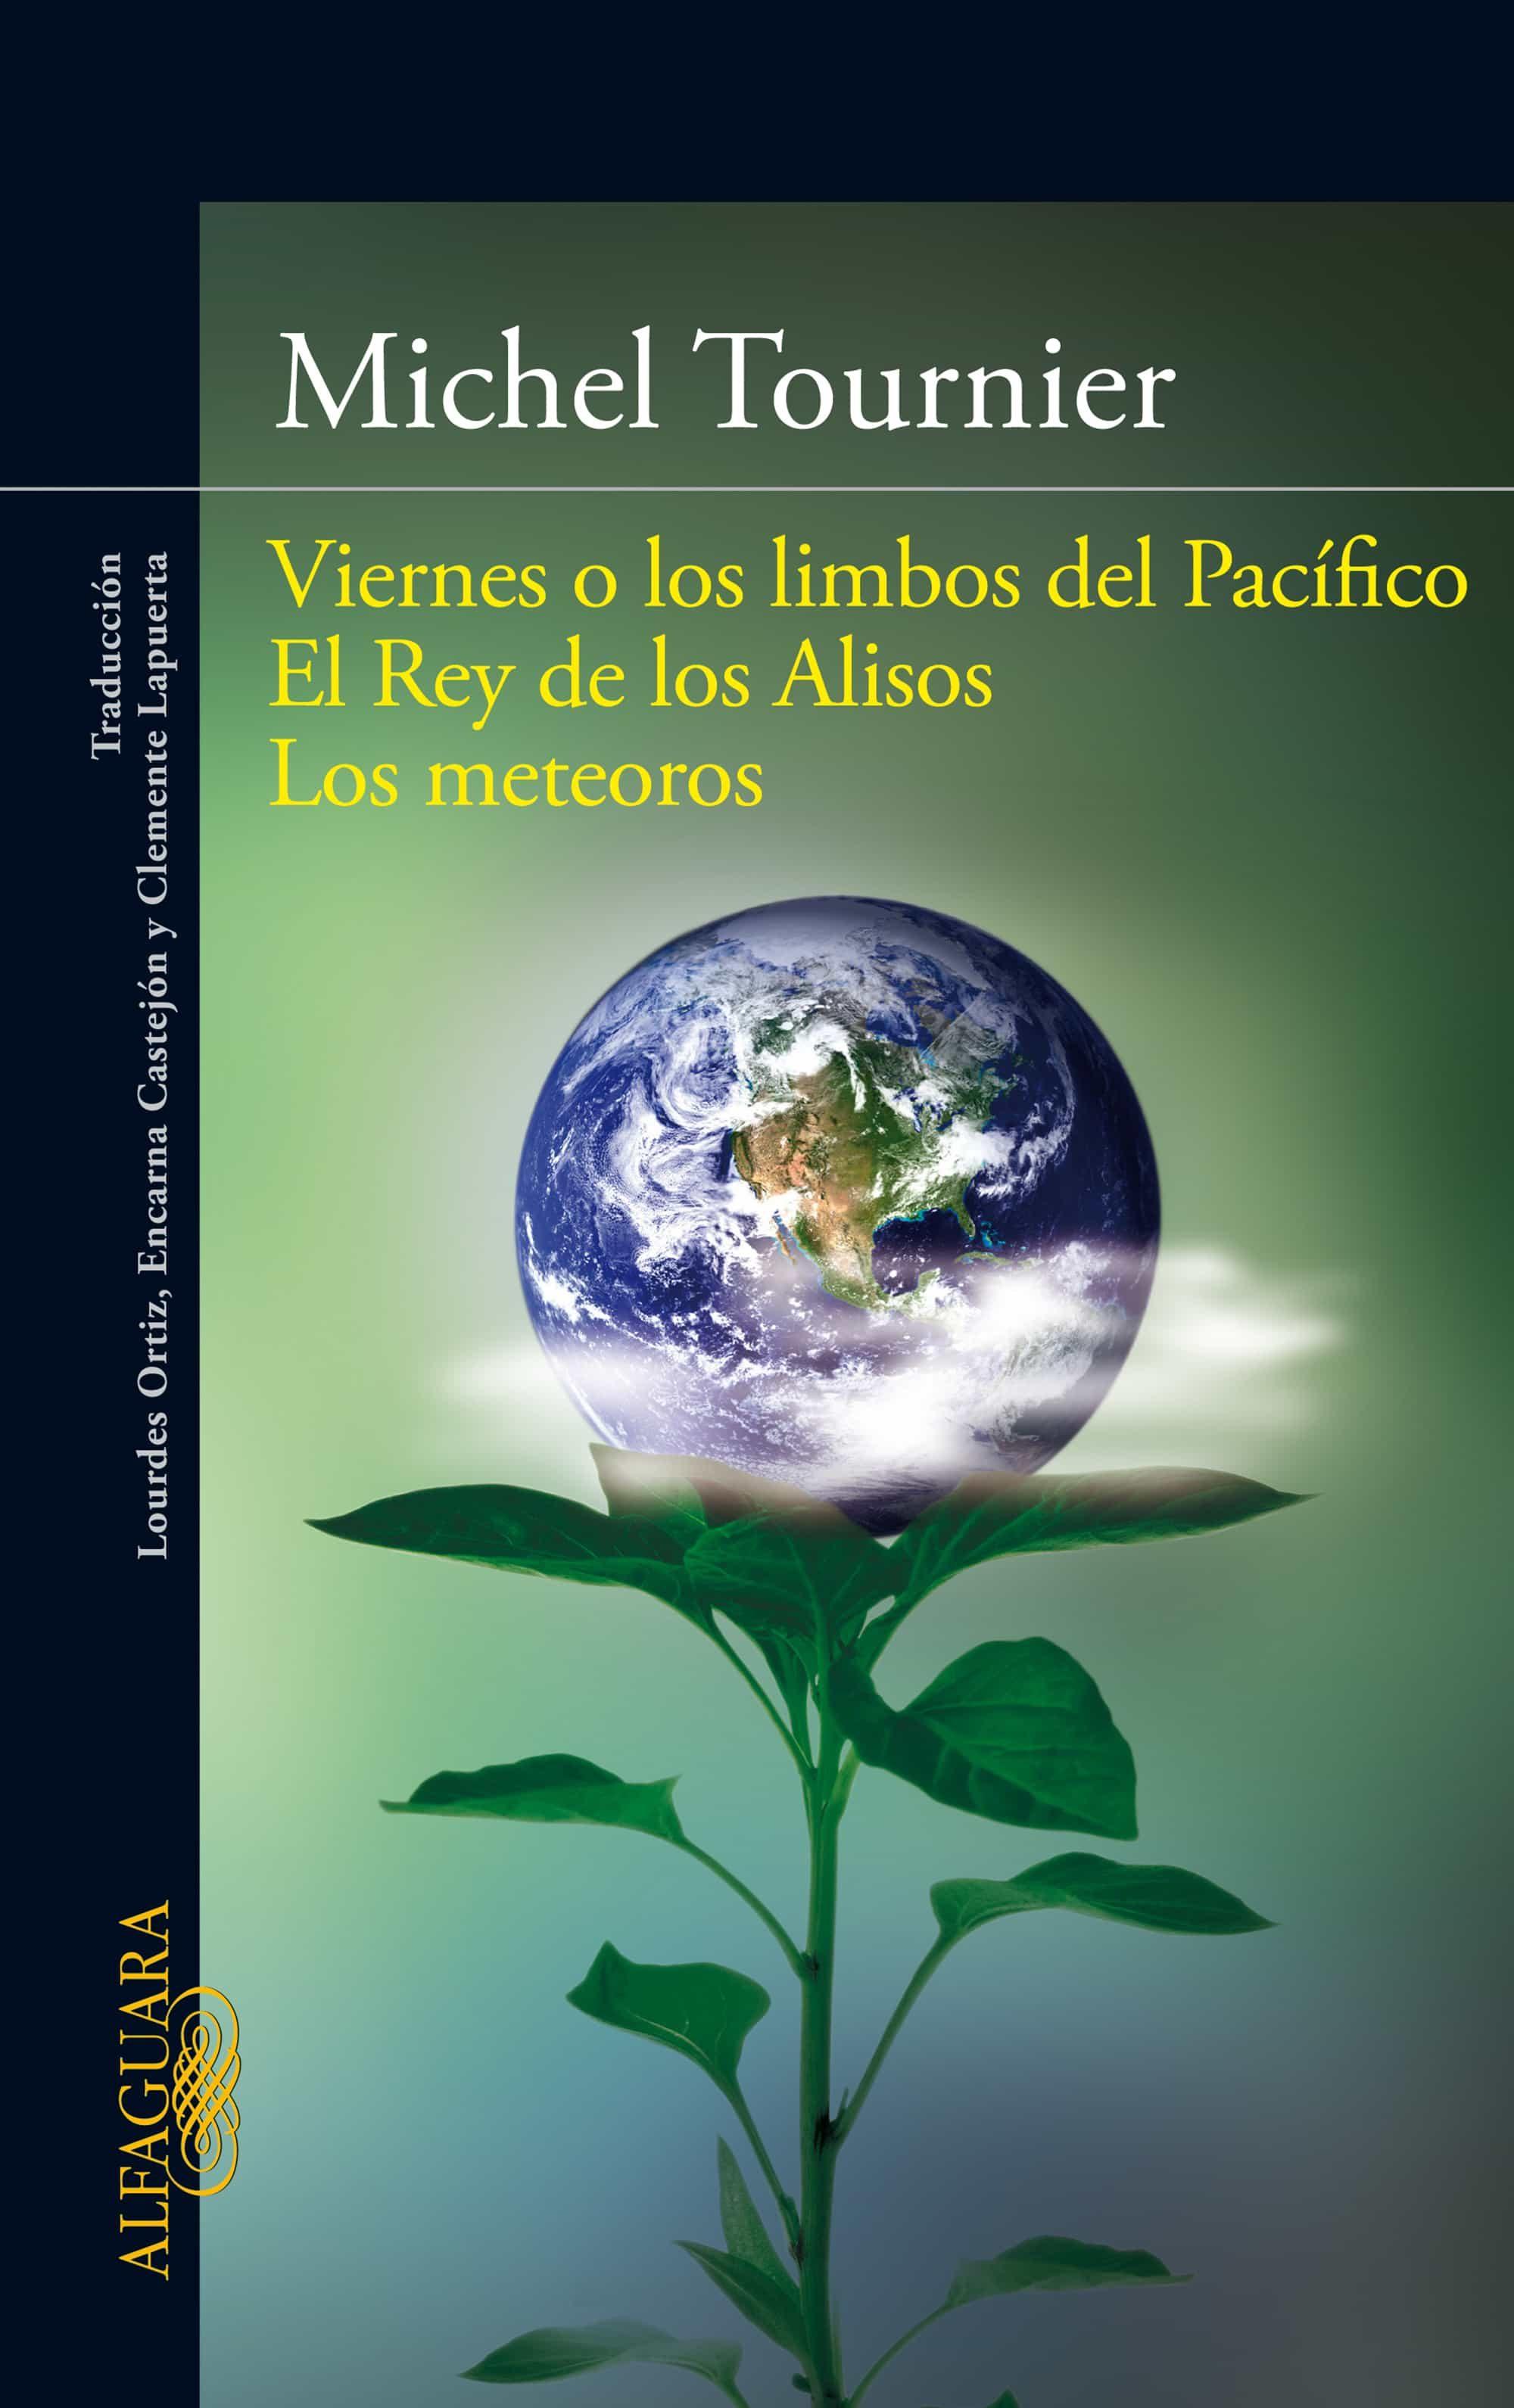 Viernes O Los Limbos Del Pacífico | El Rey De Los Alisos | Los Meteoros   por Michel Tournier